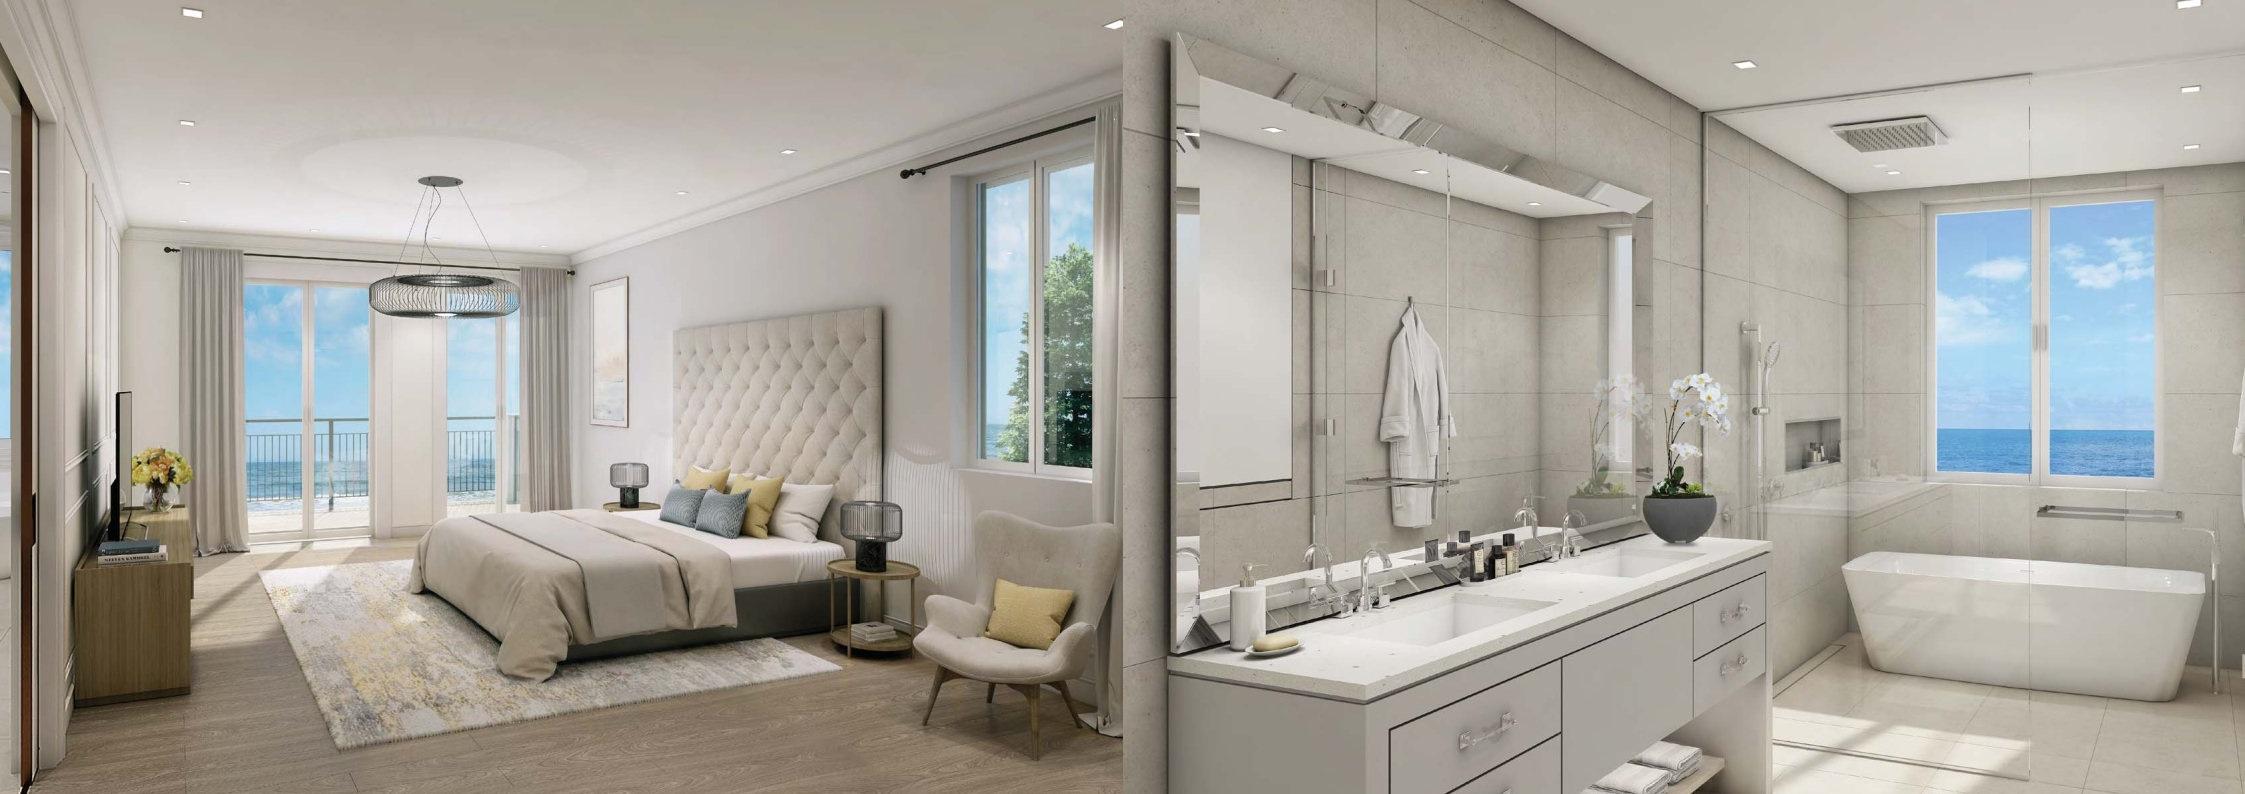 Exclusive Listing | 5 Bedroom Sea Facing